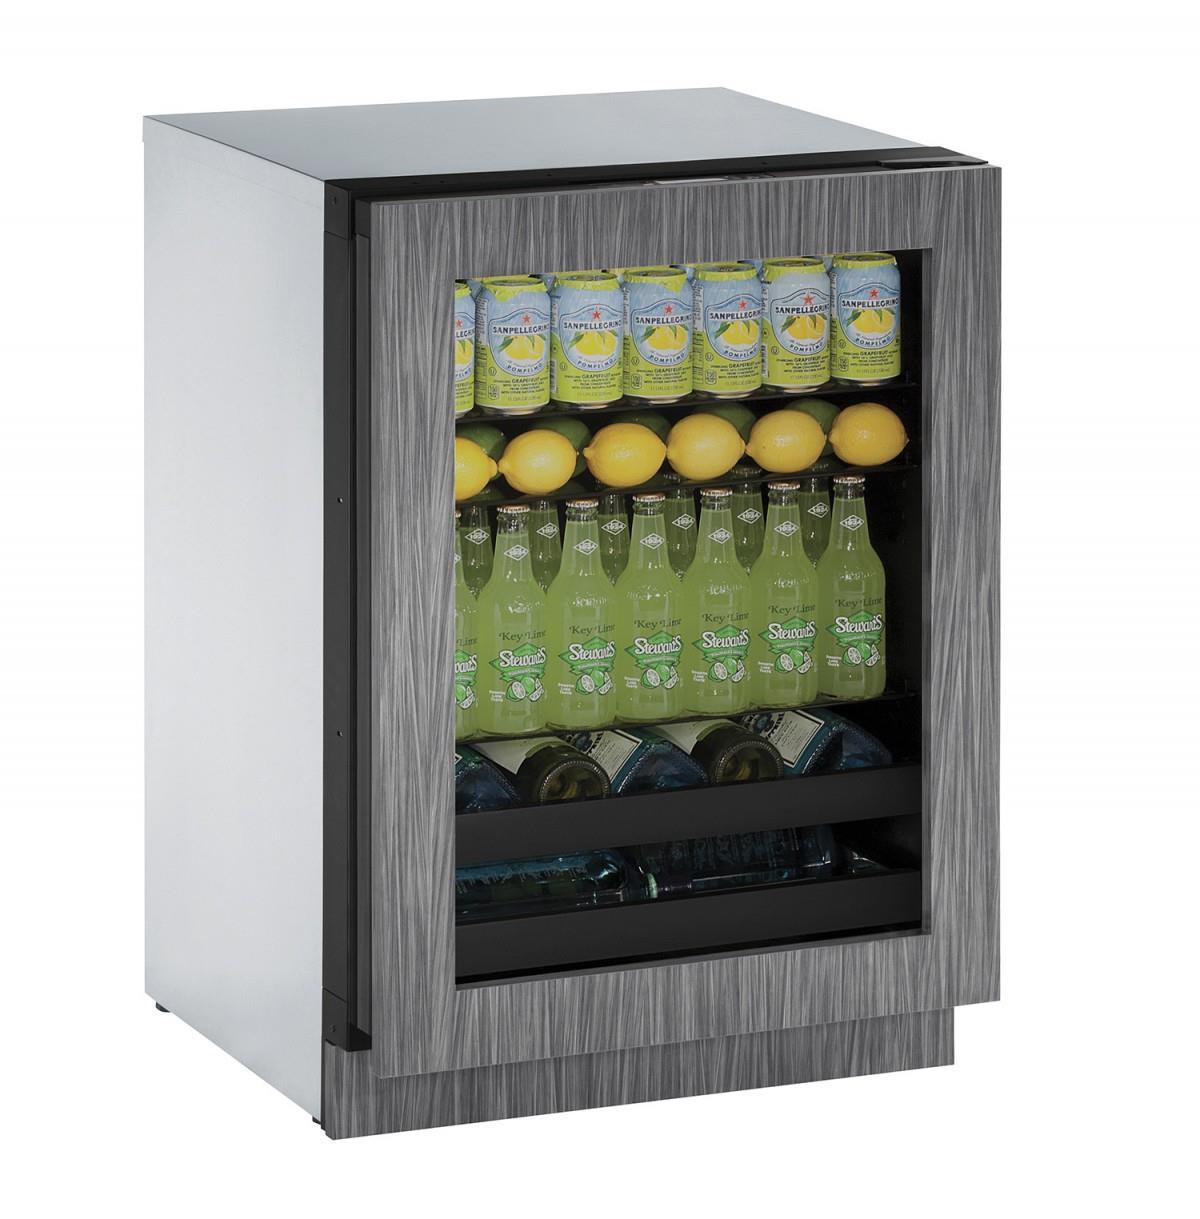 """U-Line Beverage Centers 3000 Series 24"""" Built-in Beverage Center - Item Number: U-3024BEVINT-00A"""